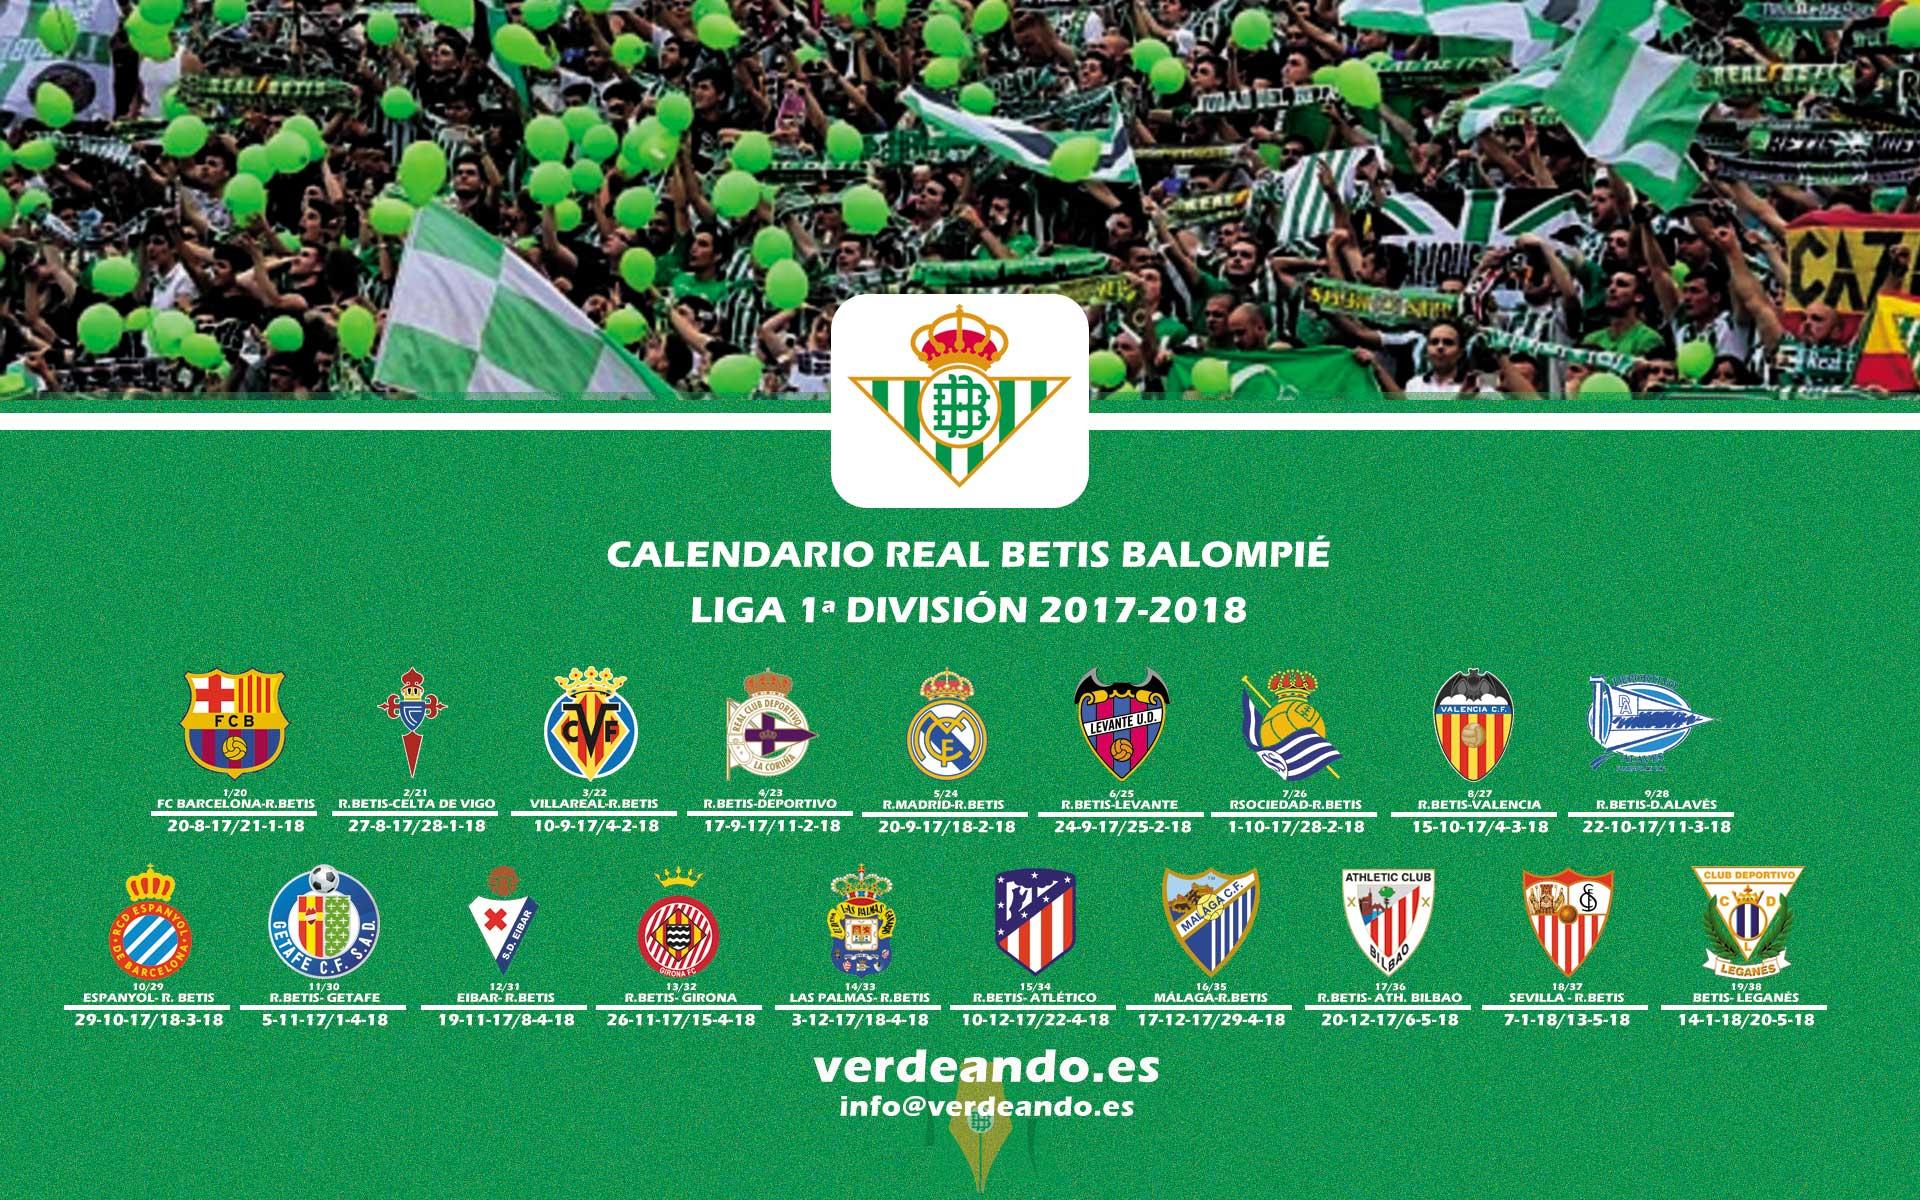 Calendario del R.Betis Liga 2017-2018